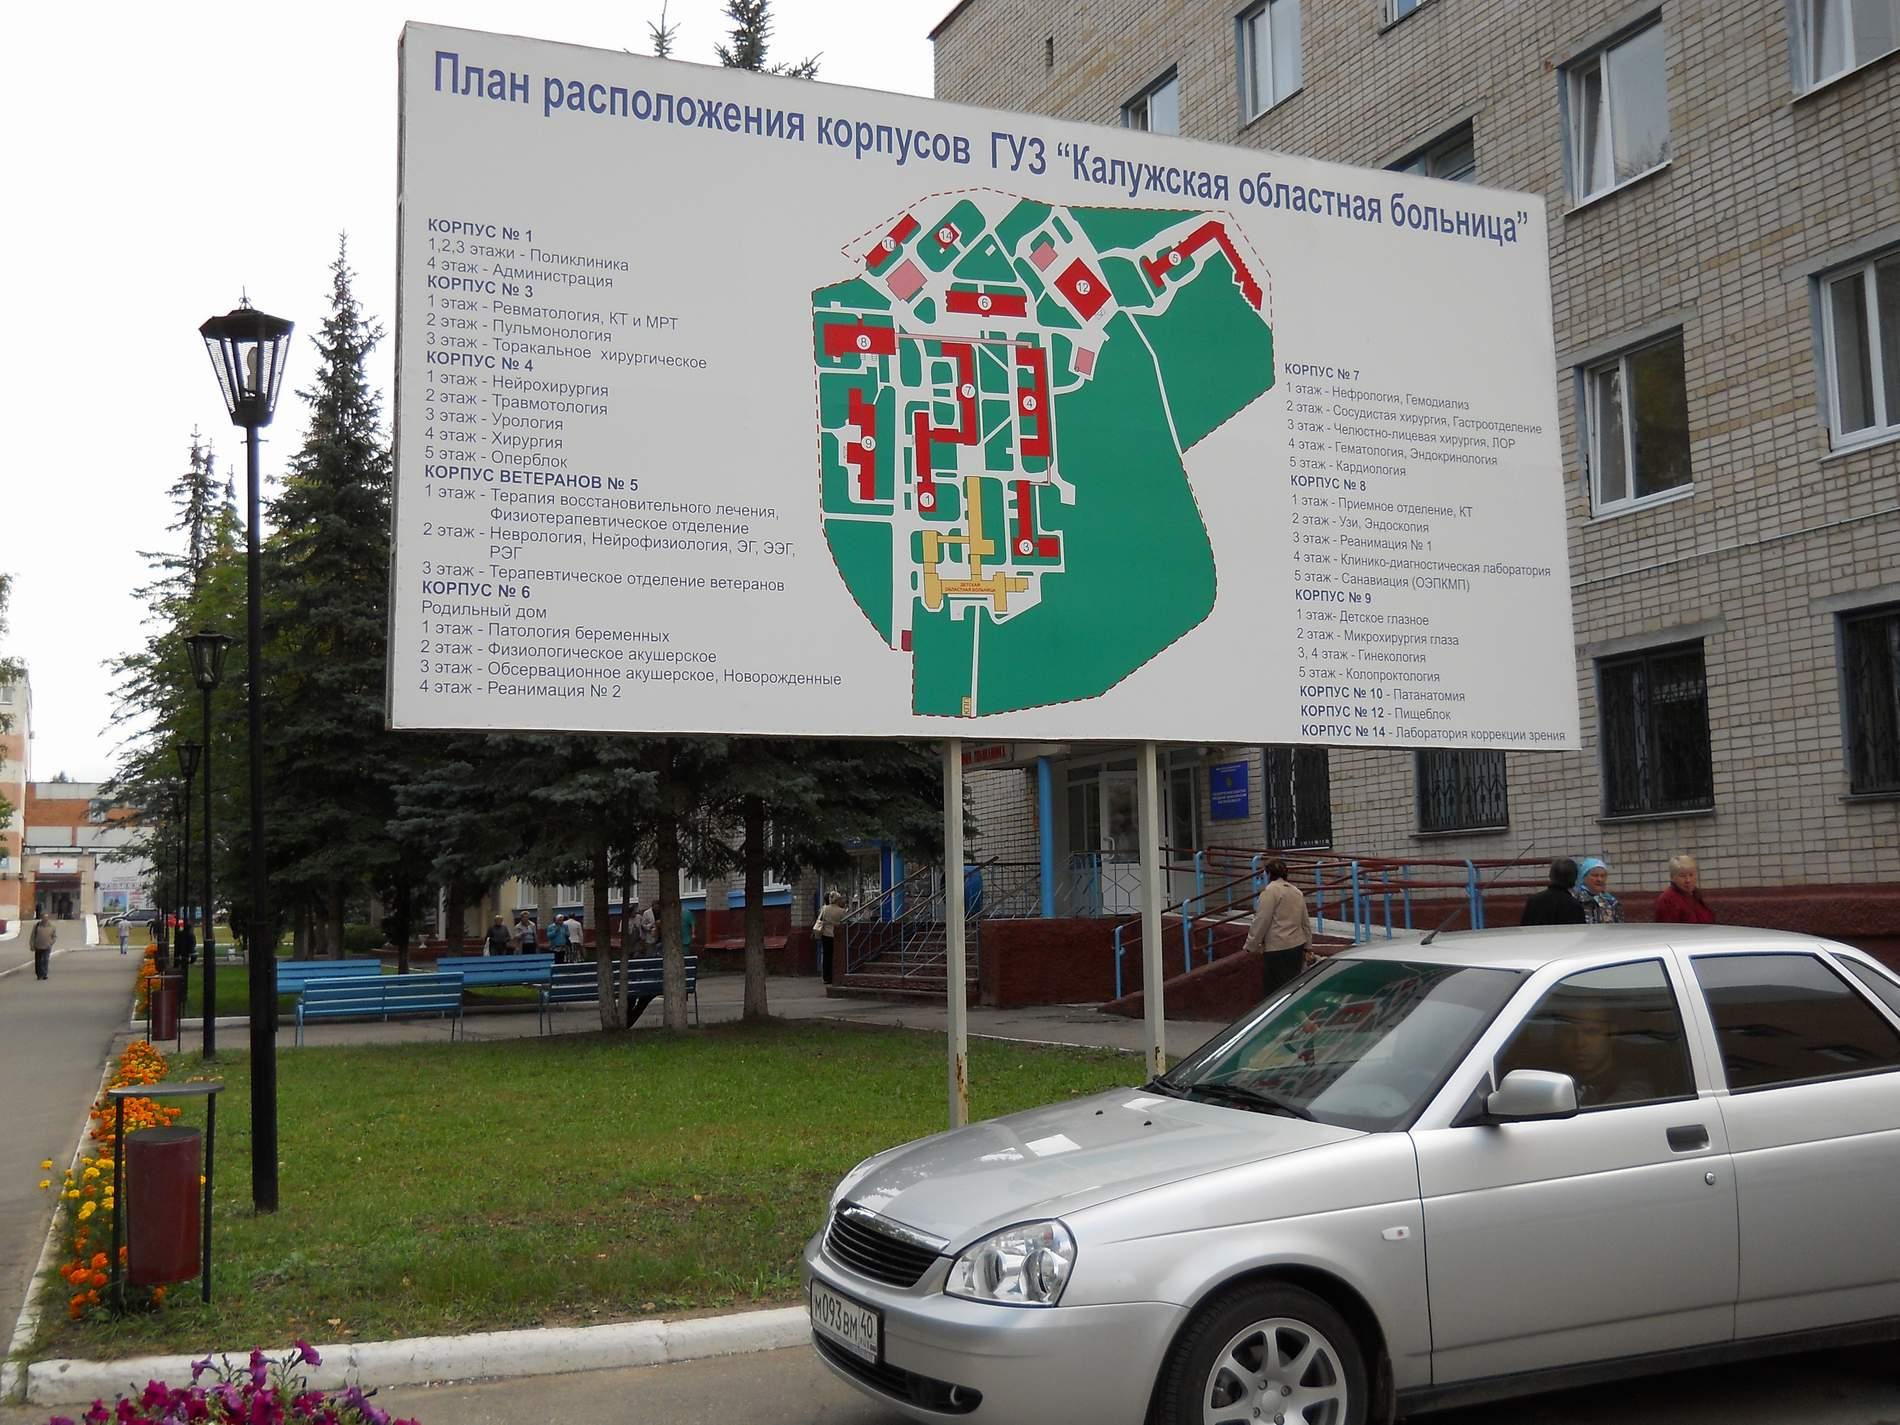 Телефон справочная 21 больницы уфа телефон